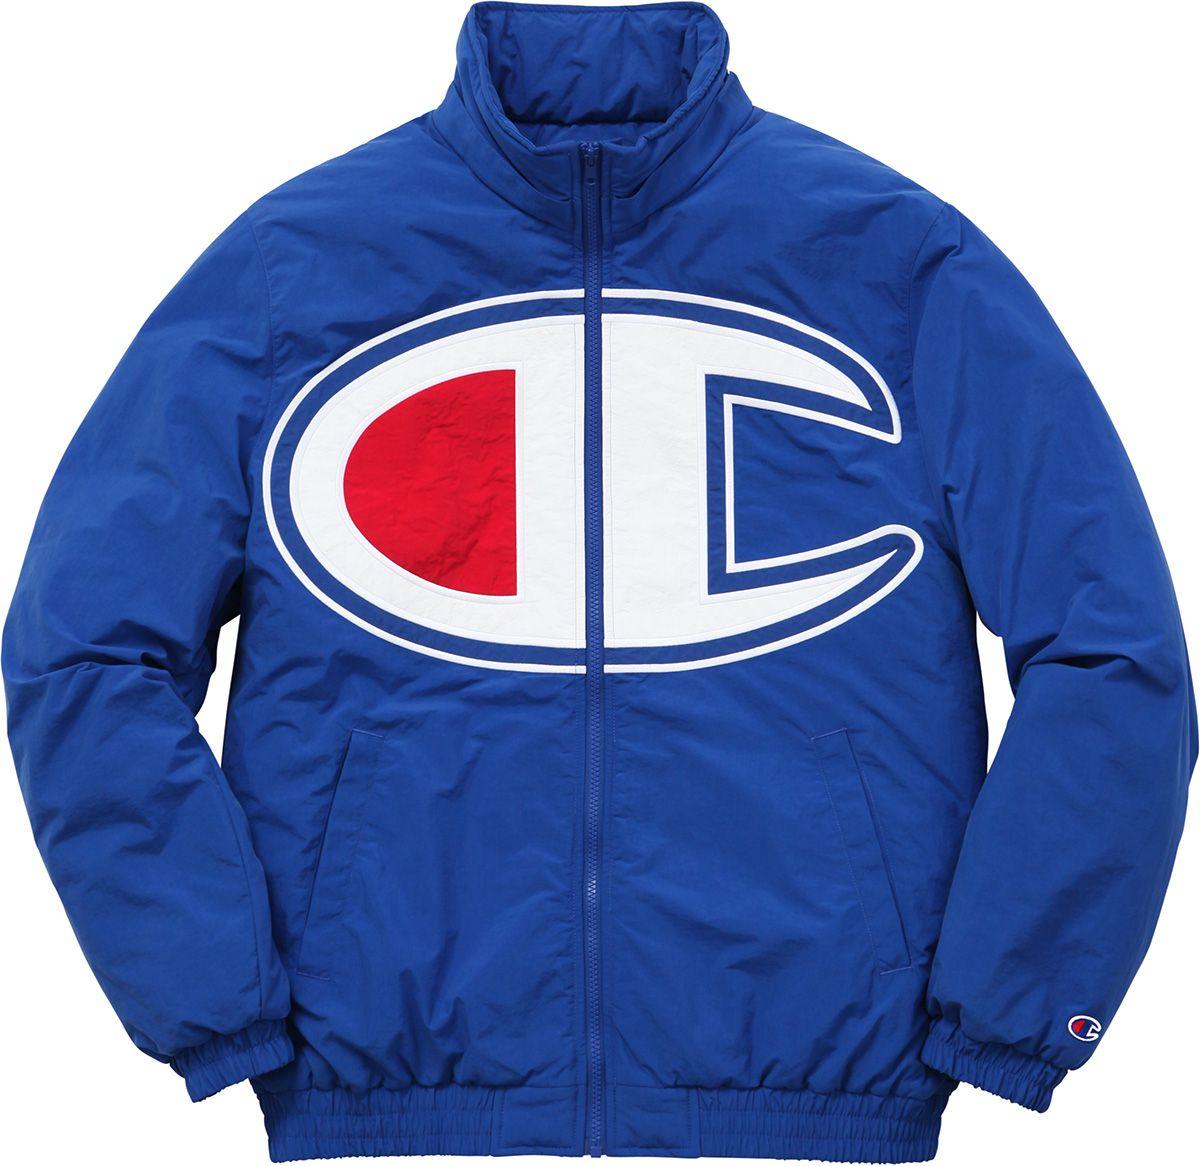 Supreme Supreme Champion Puffy Jacket Puffy Jacket Champion Sportswear Blue Puffer Jacket [ 1166 x 1200 Pixel ]